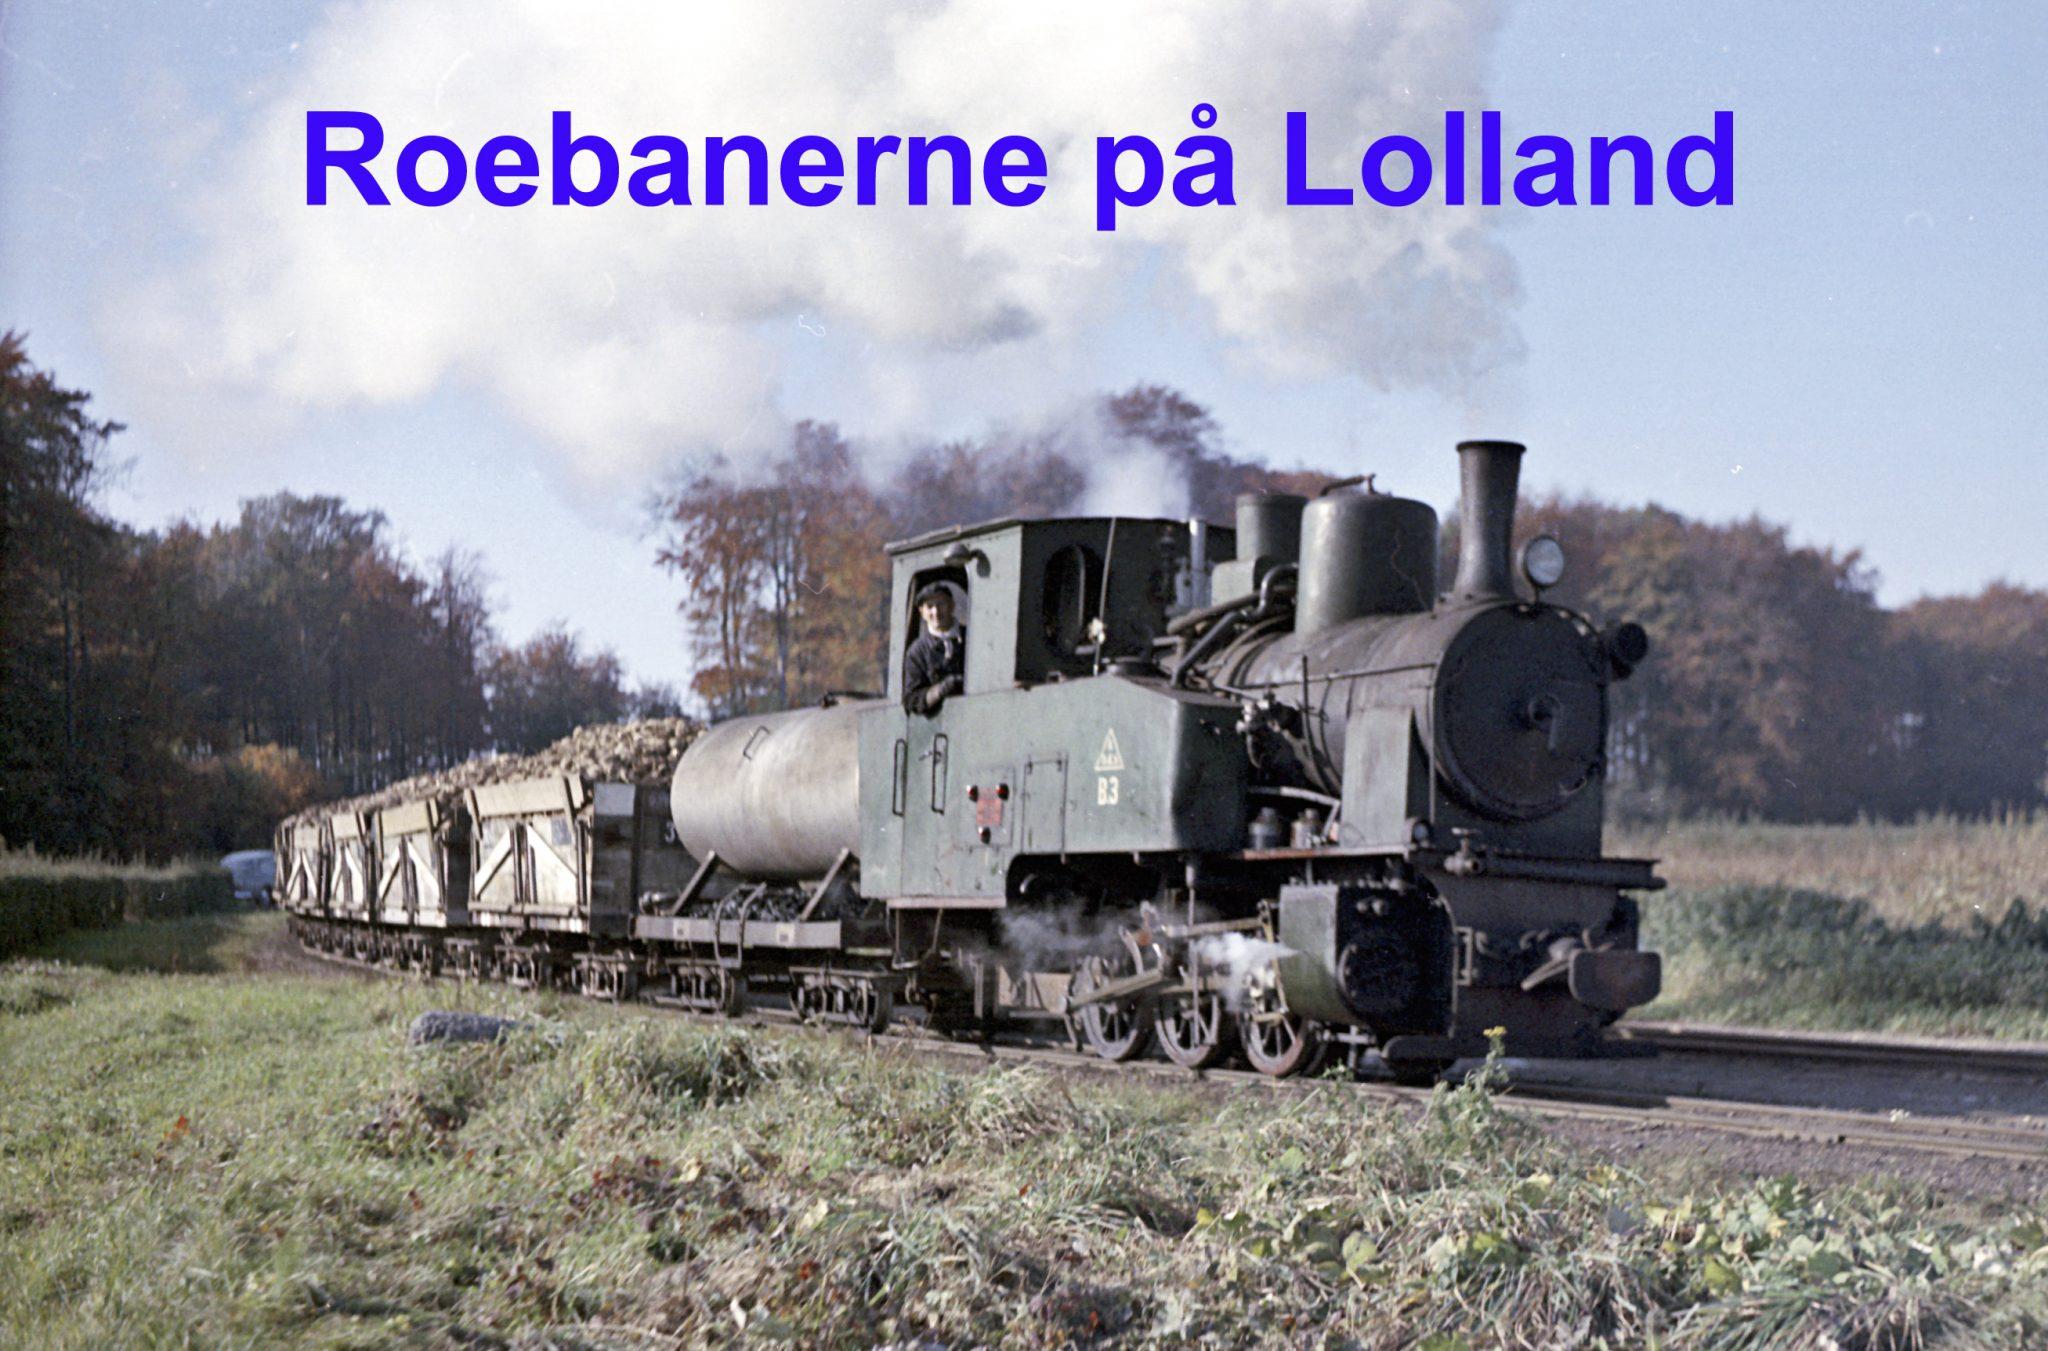 Foredrag om roebanerne på Lolland udskydes til foråret